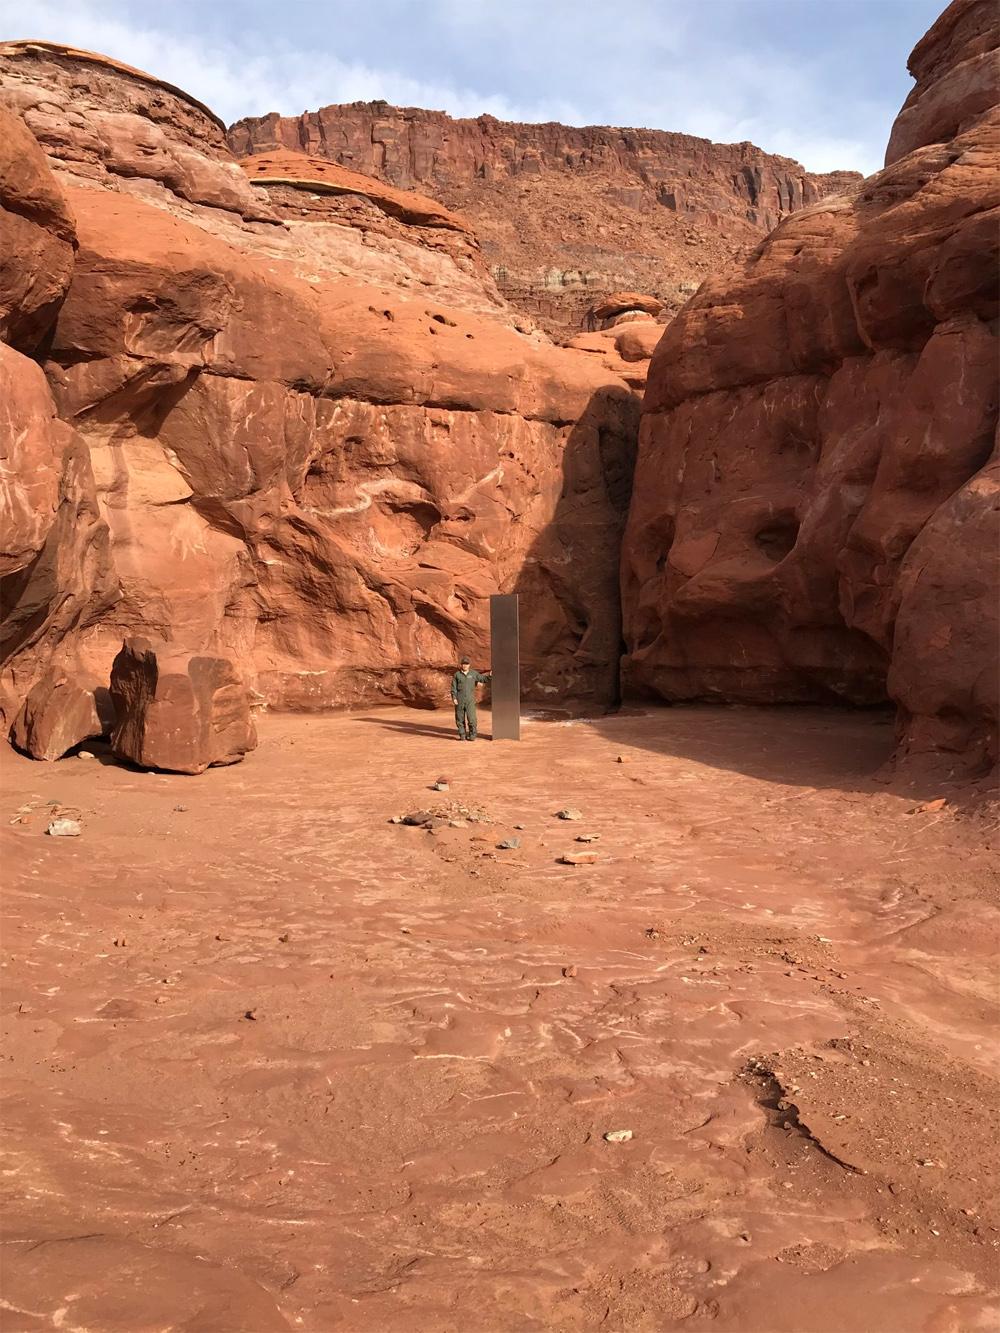 Lors d'un dénombrement des mouflons d'Amérique dans une partie du sud-est de l'Utah, le 18 novembre 2020, les chercheurs ont repéré un mystérieux monument en métal au milieu du désert.